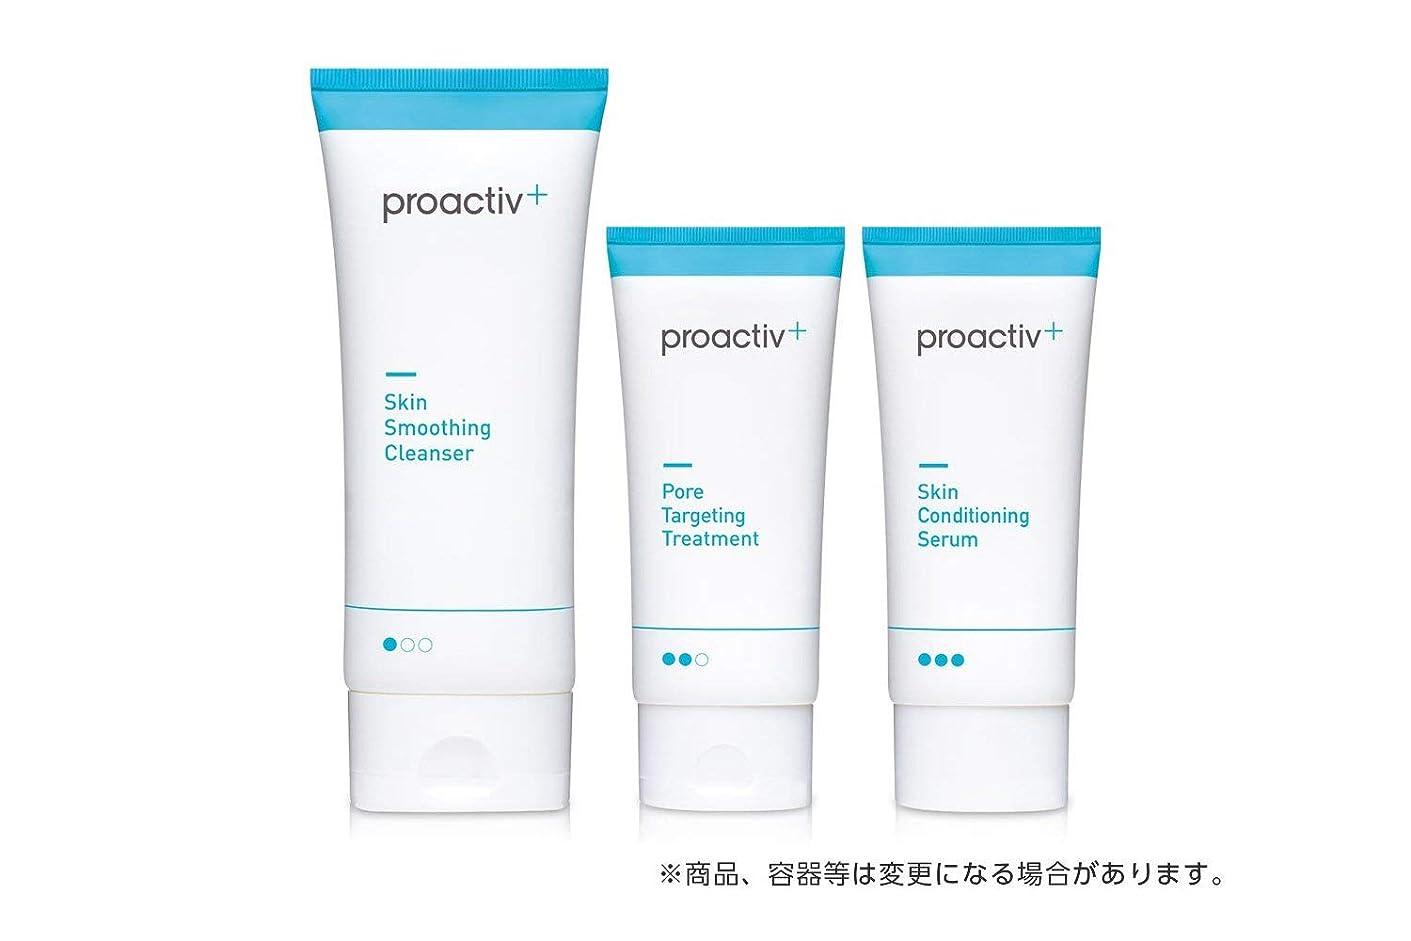 軽減変換広くプロアクティブ+ Proactiv+ 薬用3ステップセット 90日サイズ (薬用洗顔料 薬用美容液 薬用ジェル状クリーム + 公式ガイド付)